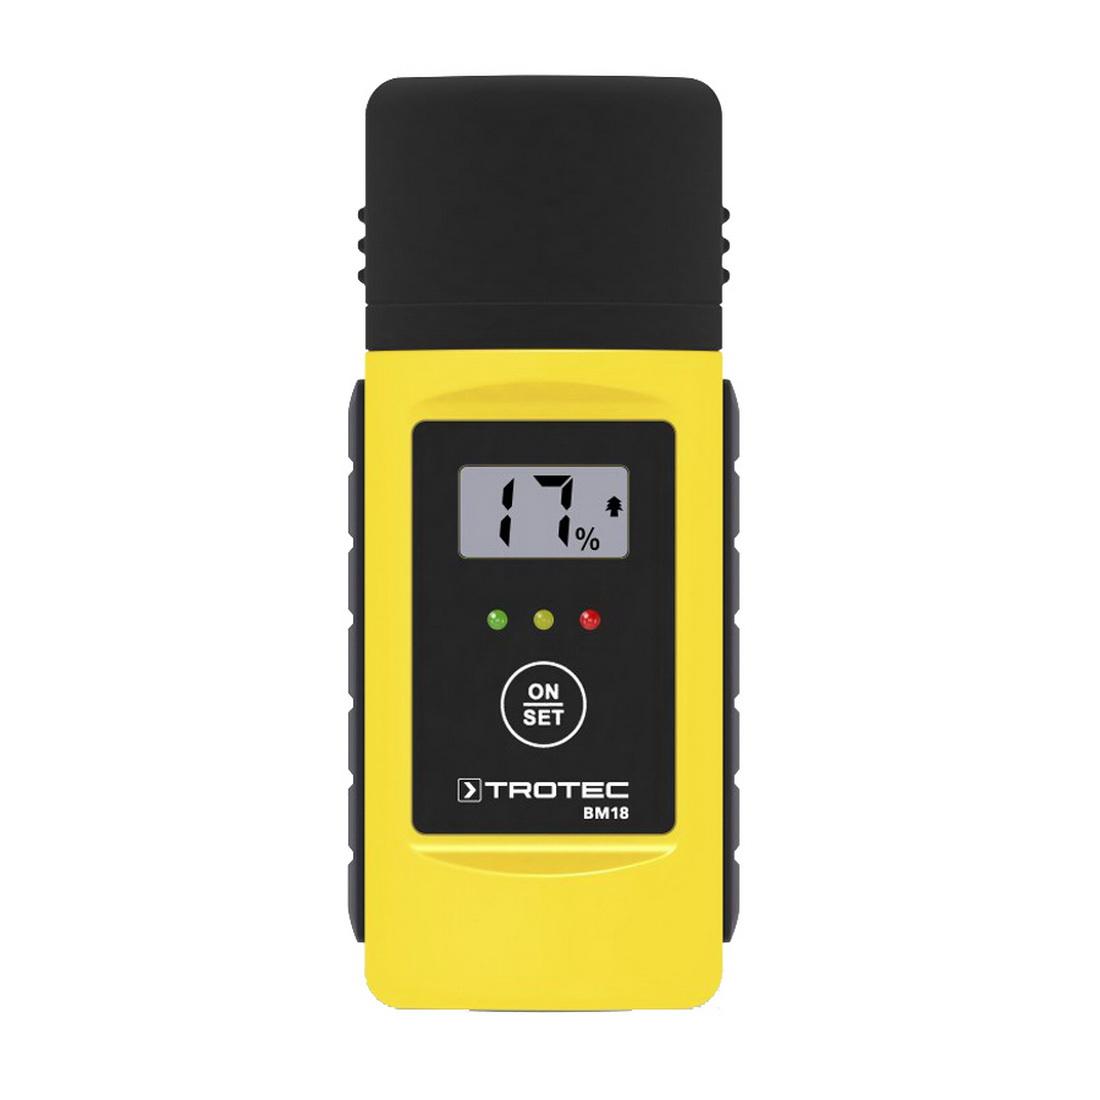 Trotec Basic Moisture Meter MOIS TROTEC-BM18